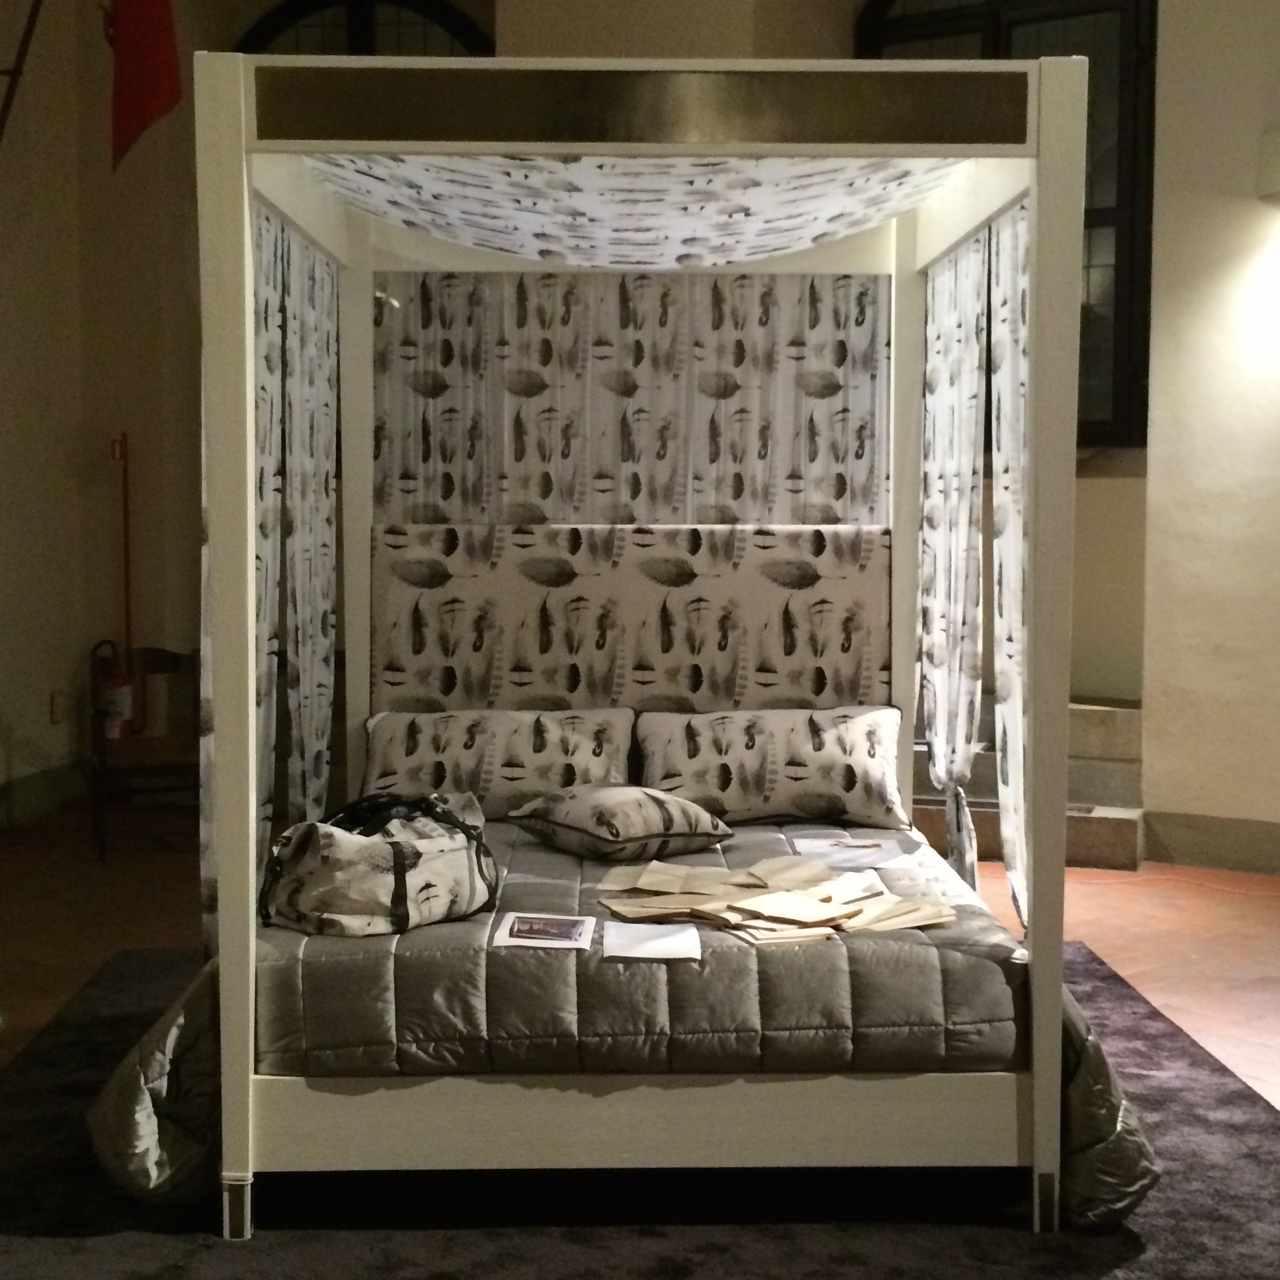 Andrea-Mancini-My-Bed-2014.-Installazione-6